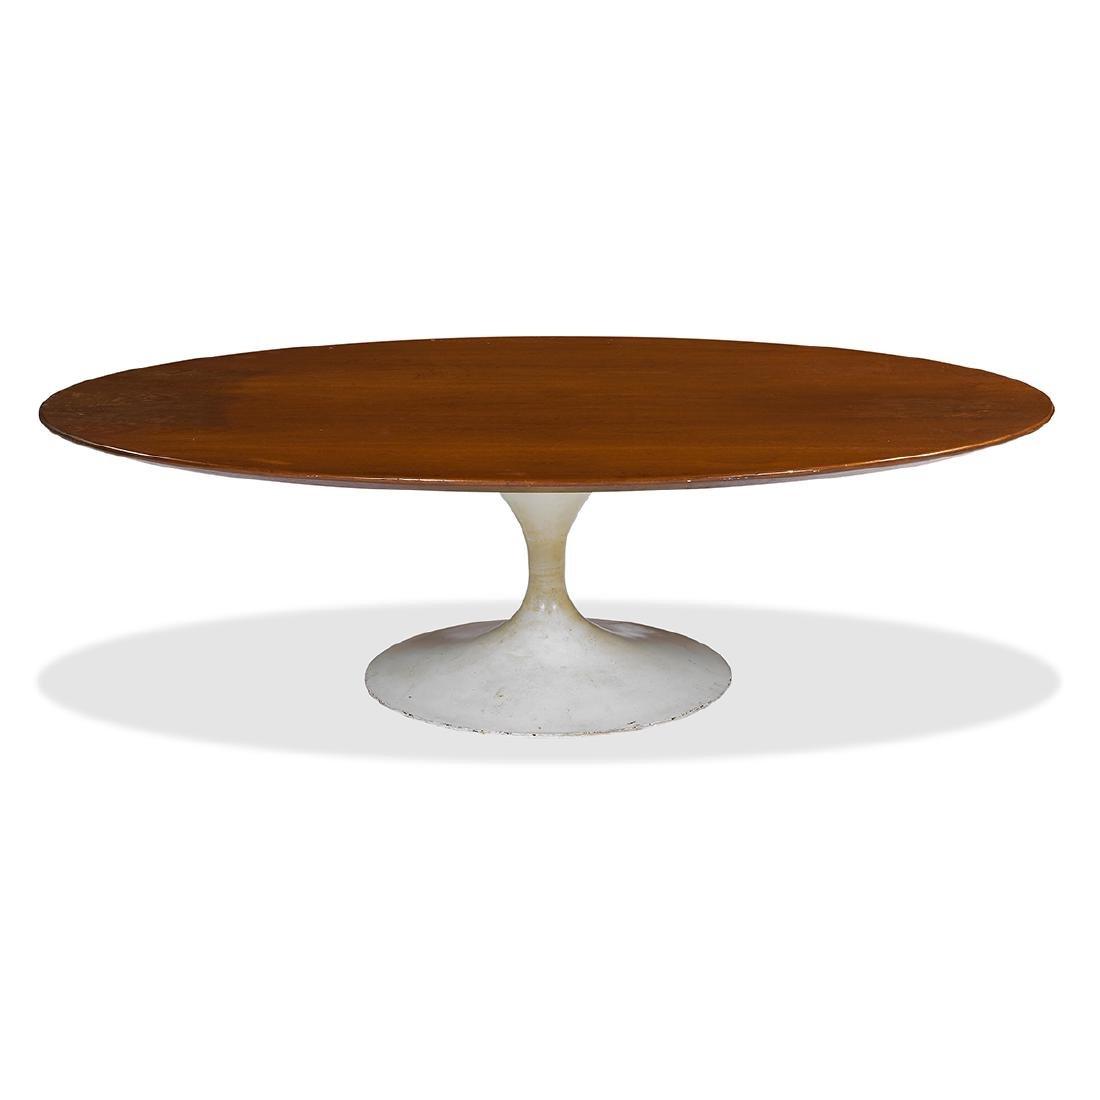 Eero Saarinen / Knoll Coffee Table   Mar 10, 2019 | Toomey U0026 Co.  Auctioneers In IL